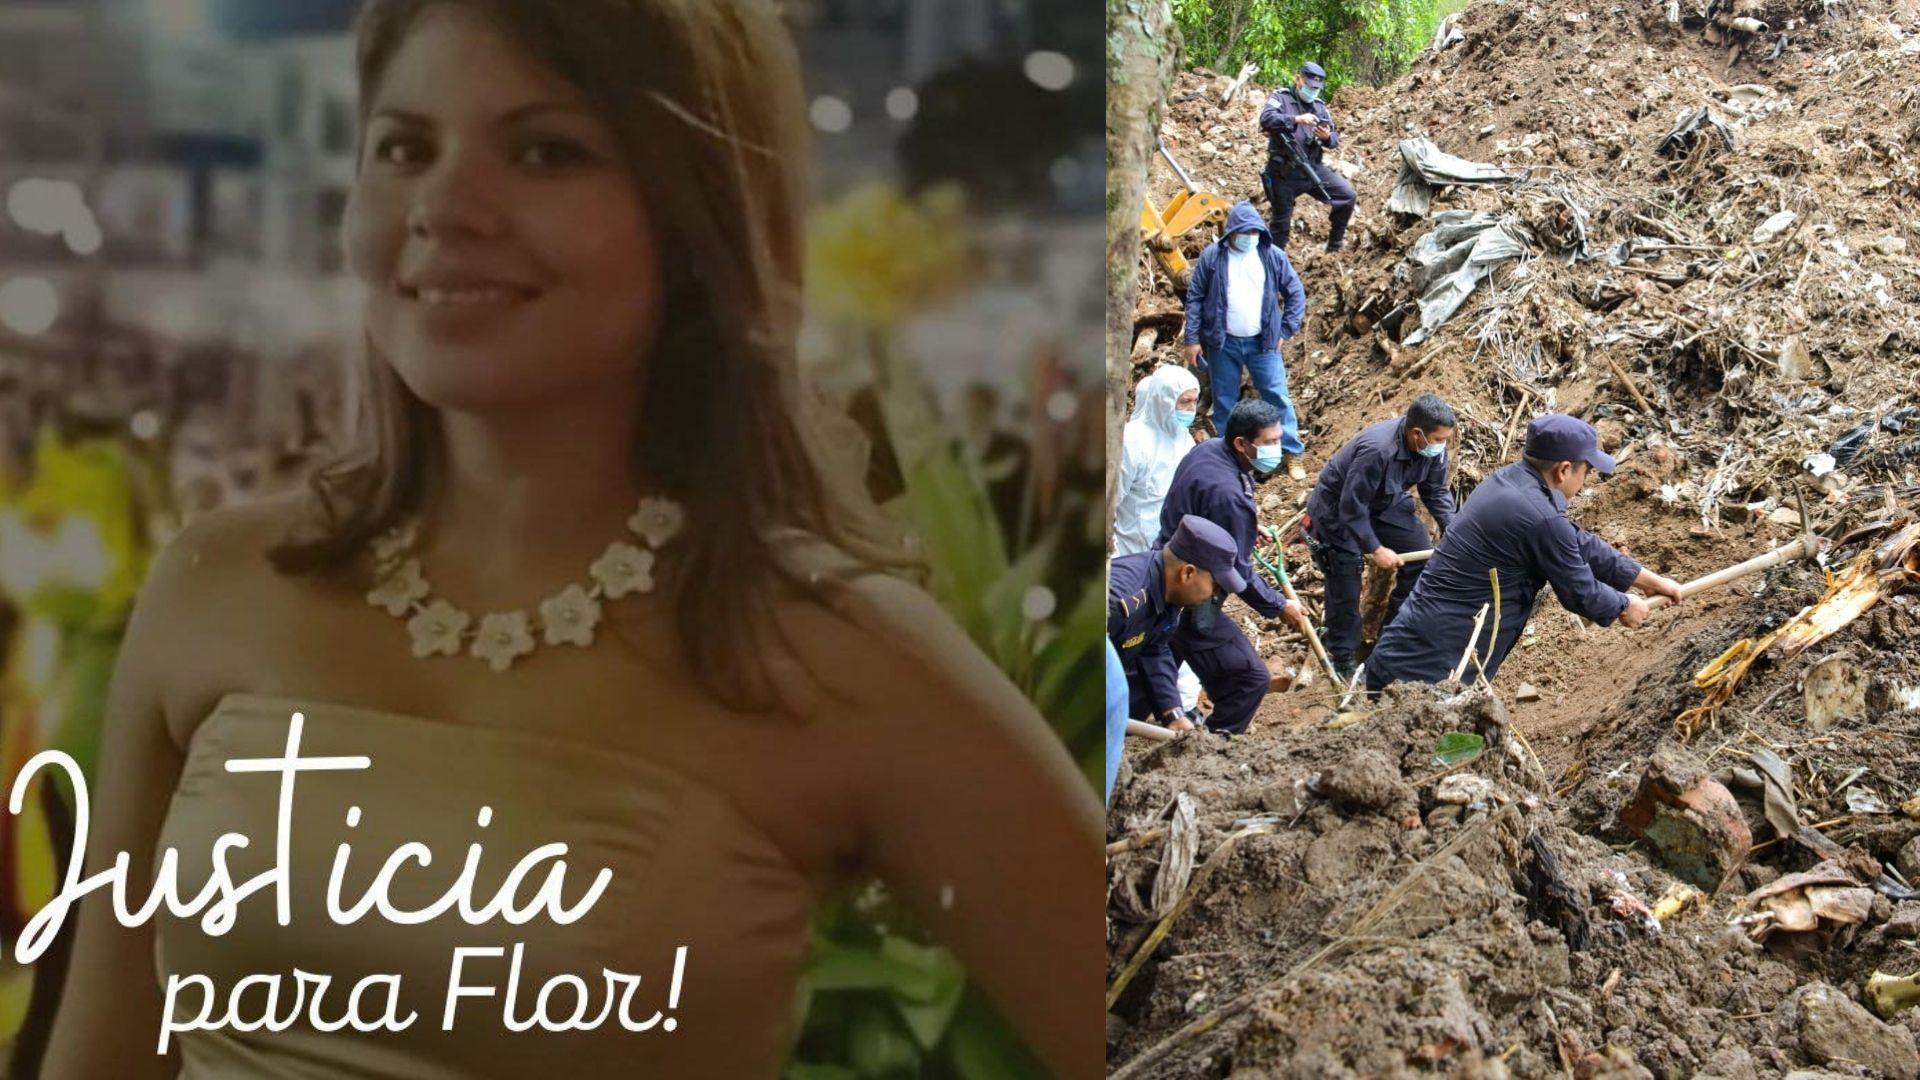 PNC confirma que el cuerpo encontrado es el de Flor García